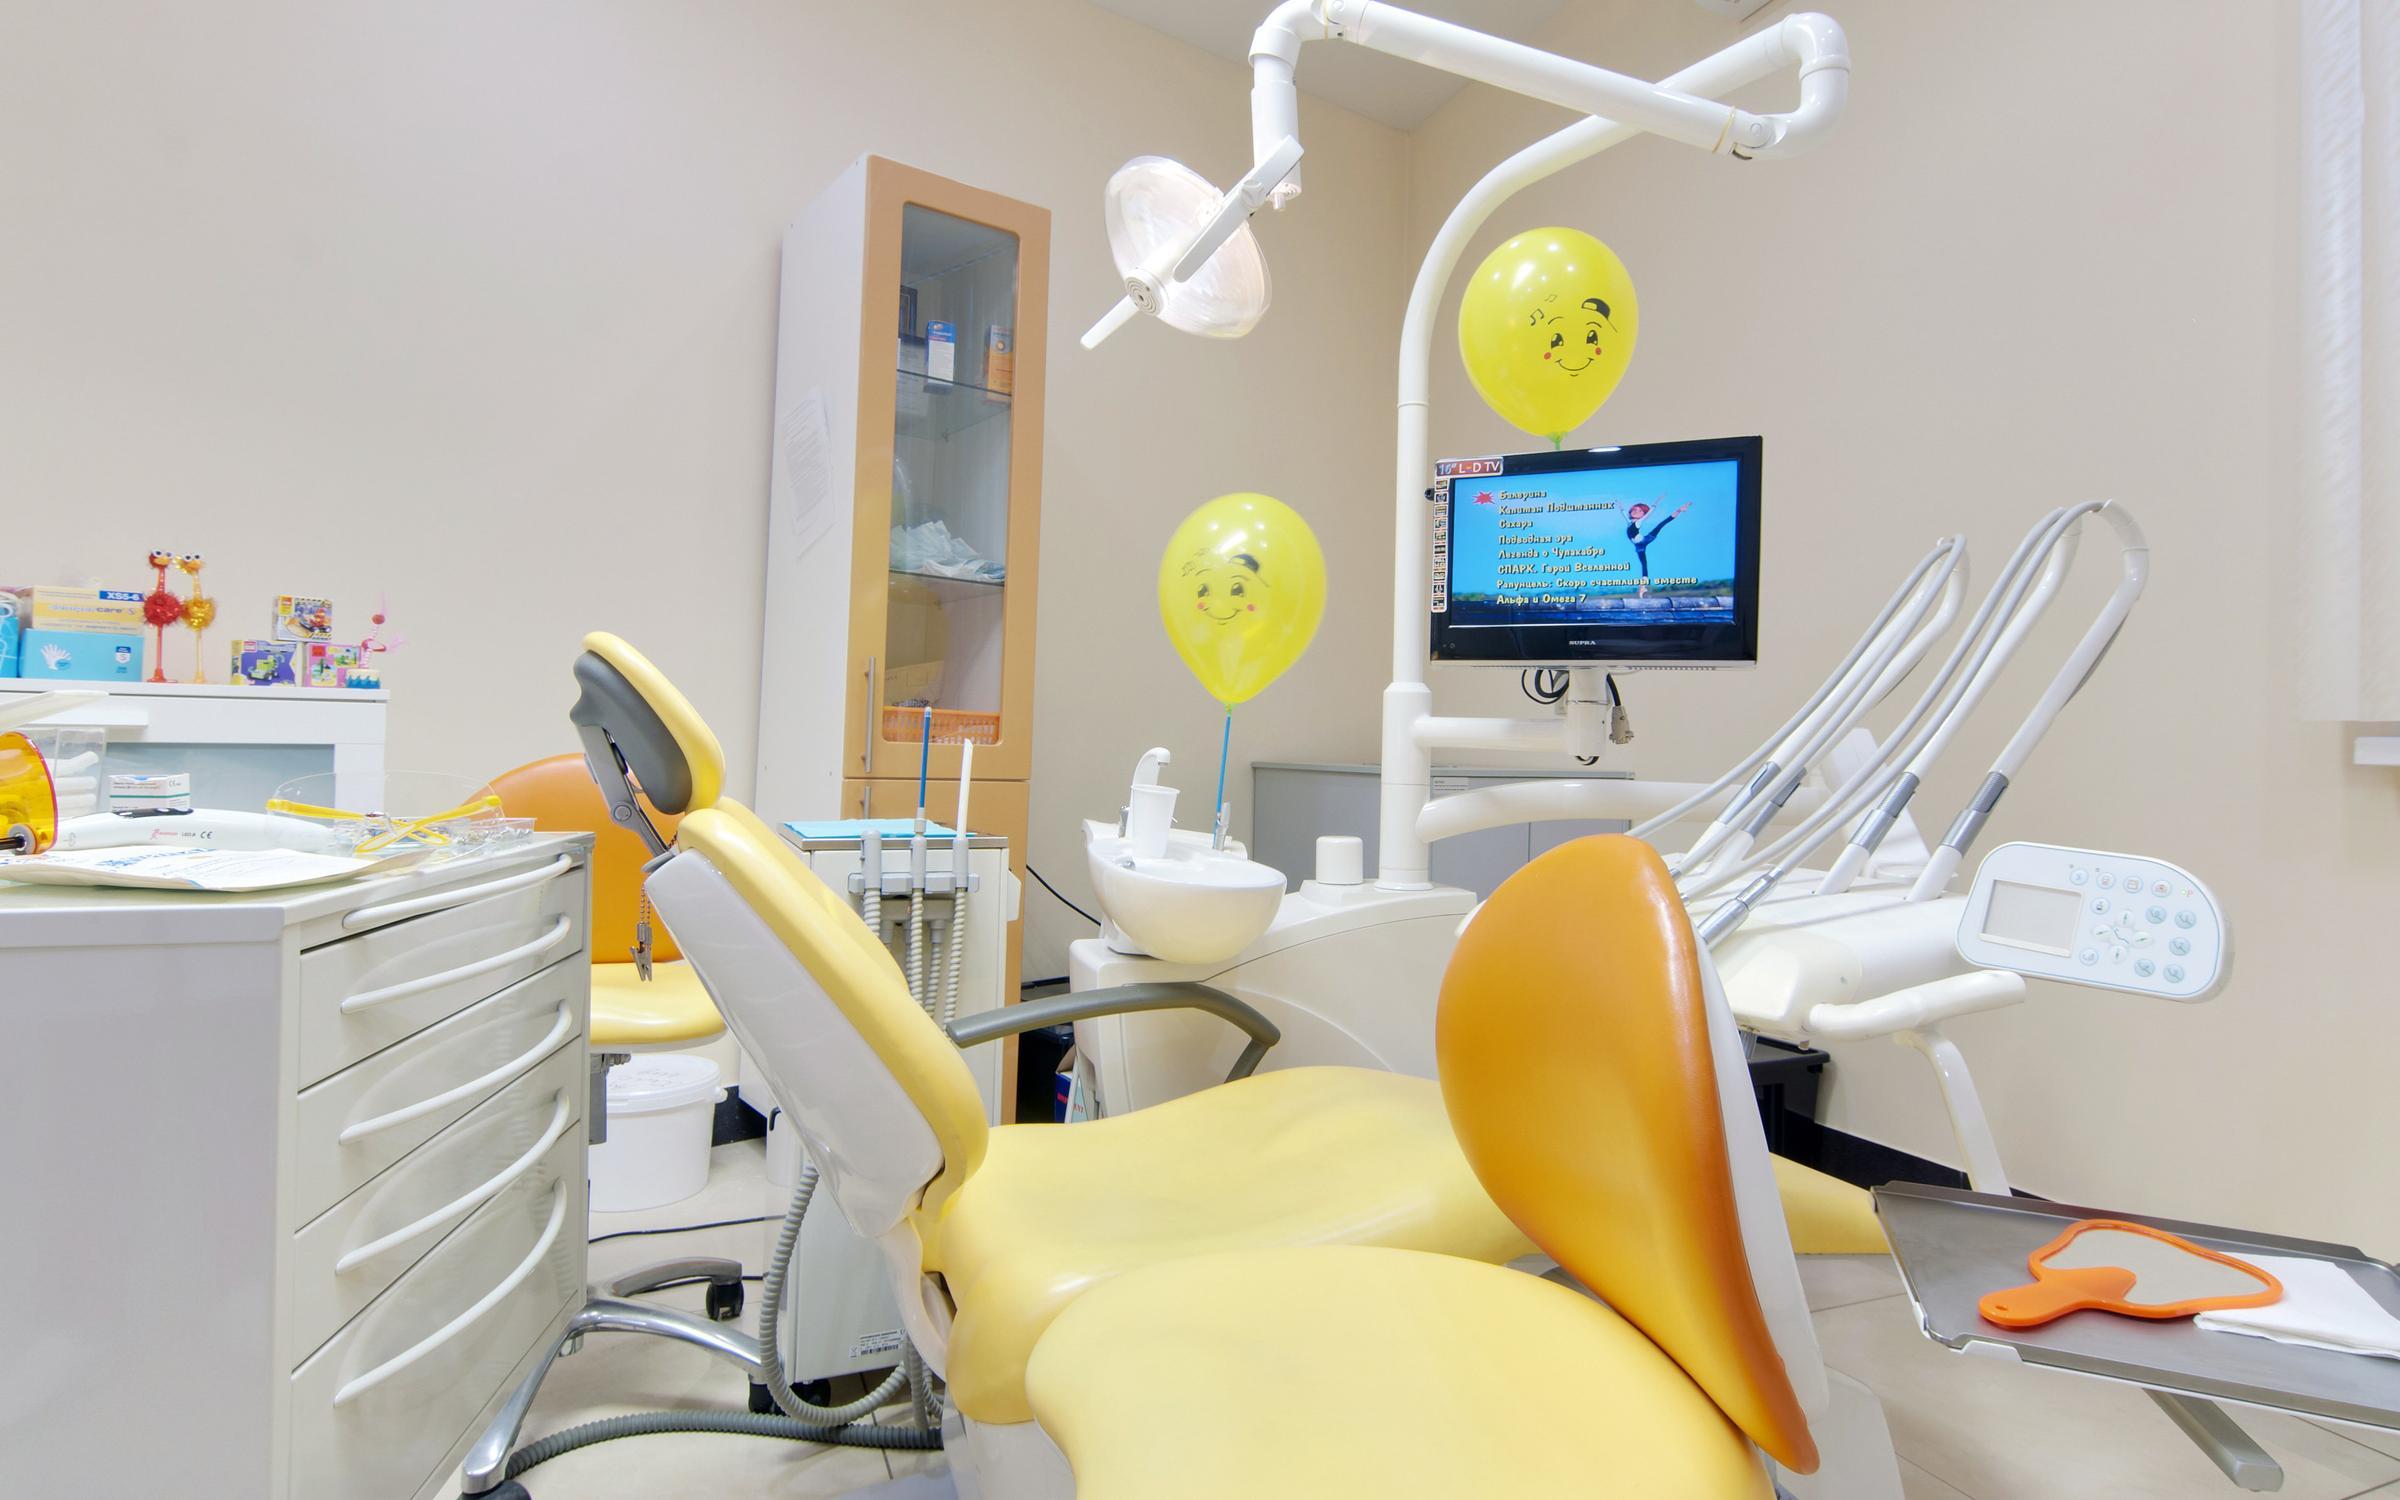 фотография Лечебно-диагностического центра ХэлсМед в Одинцово